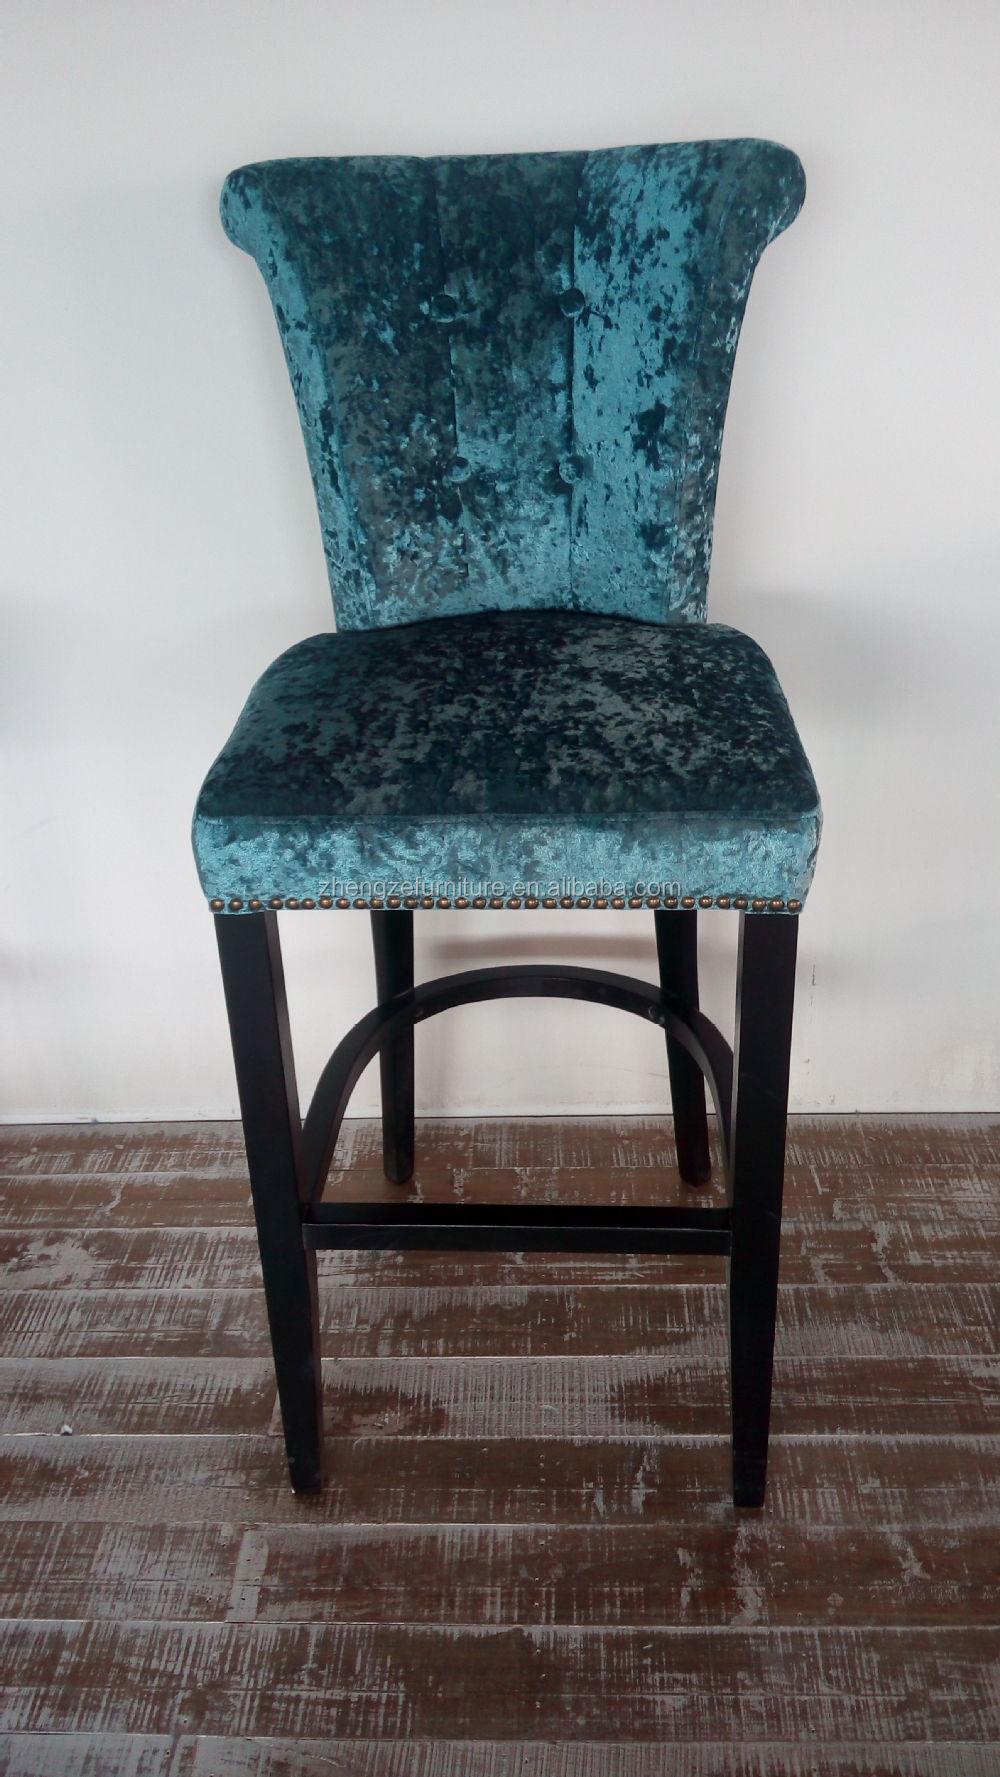 Chaise de patio en bois a vendre modern patio outdoor - Chaise exterieur pas cher ...